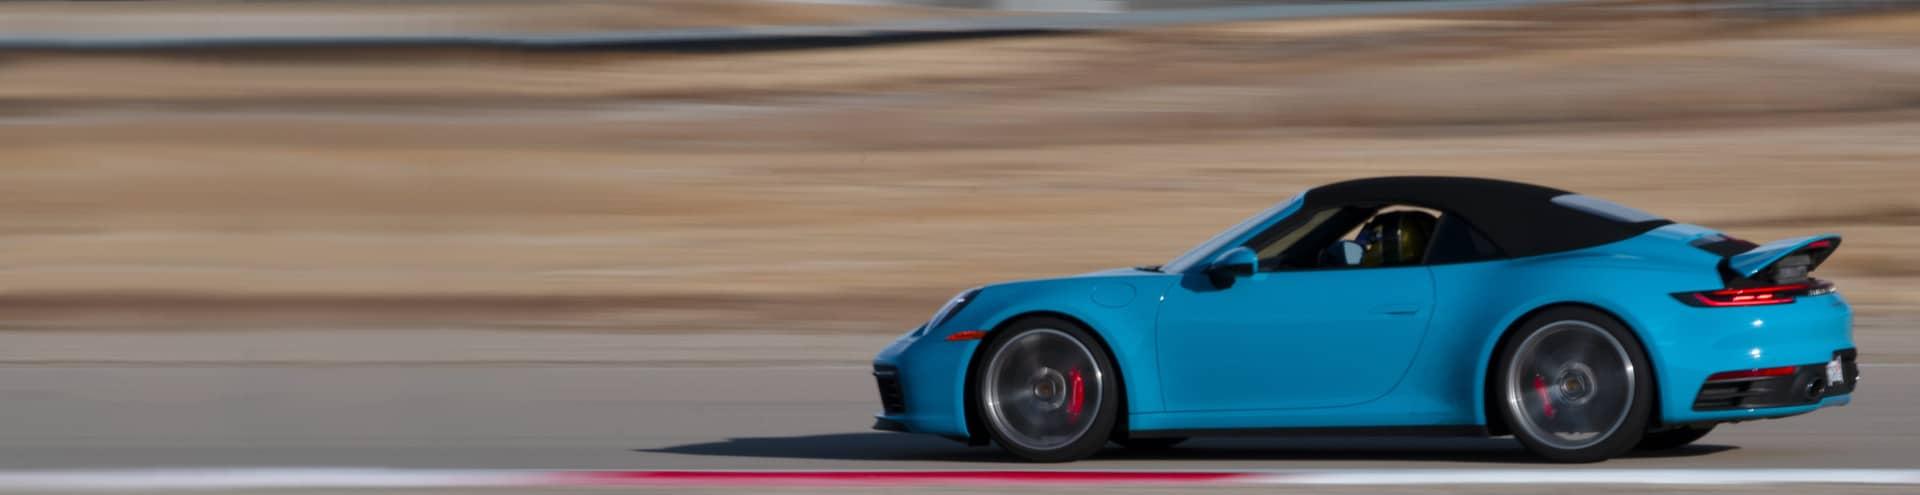 Assurance Porsche : pourquoi passer par un spécialiste ?